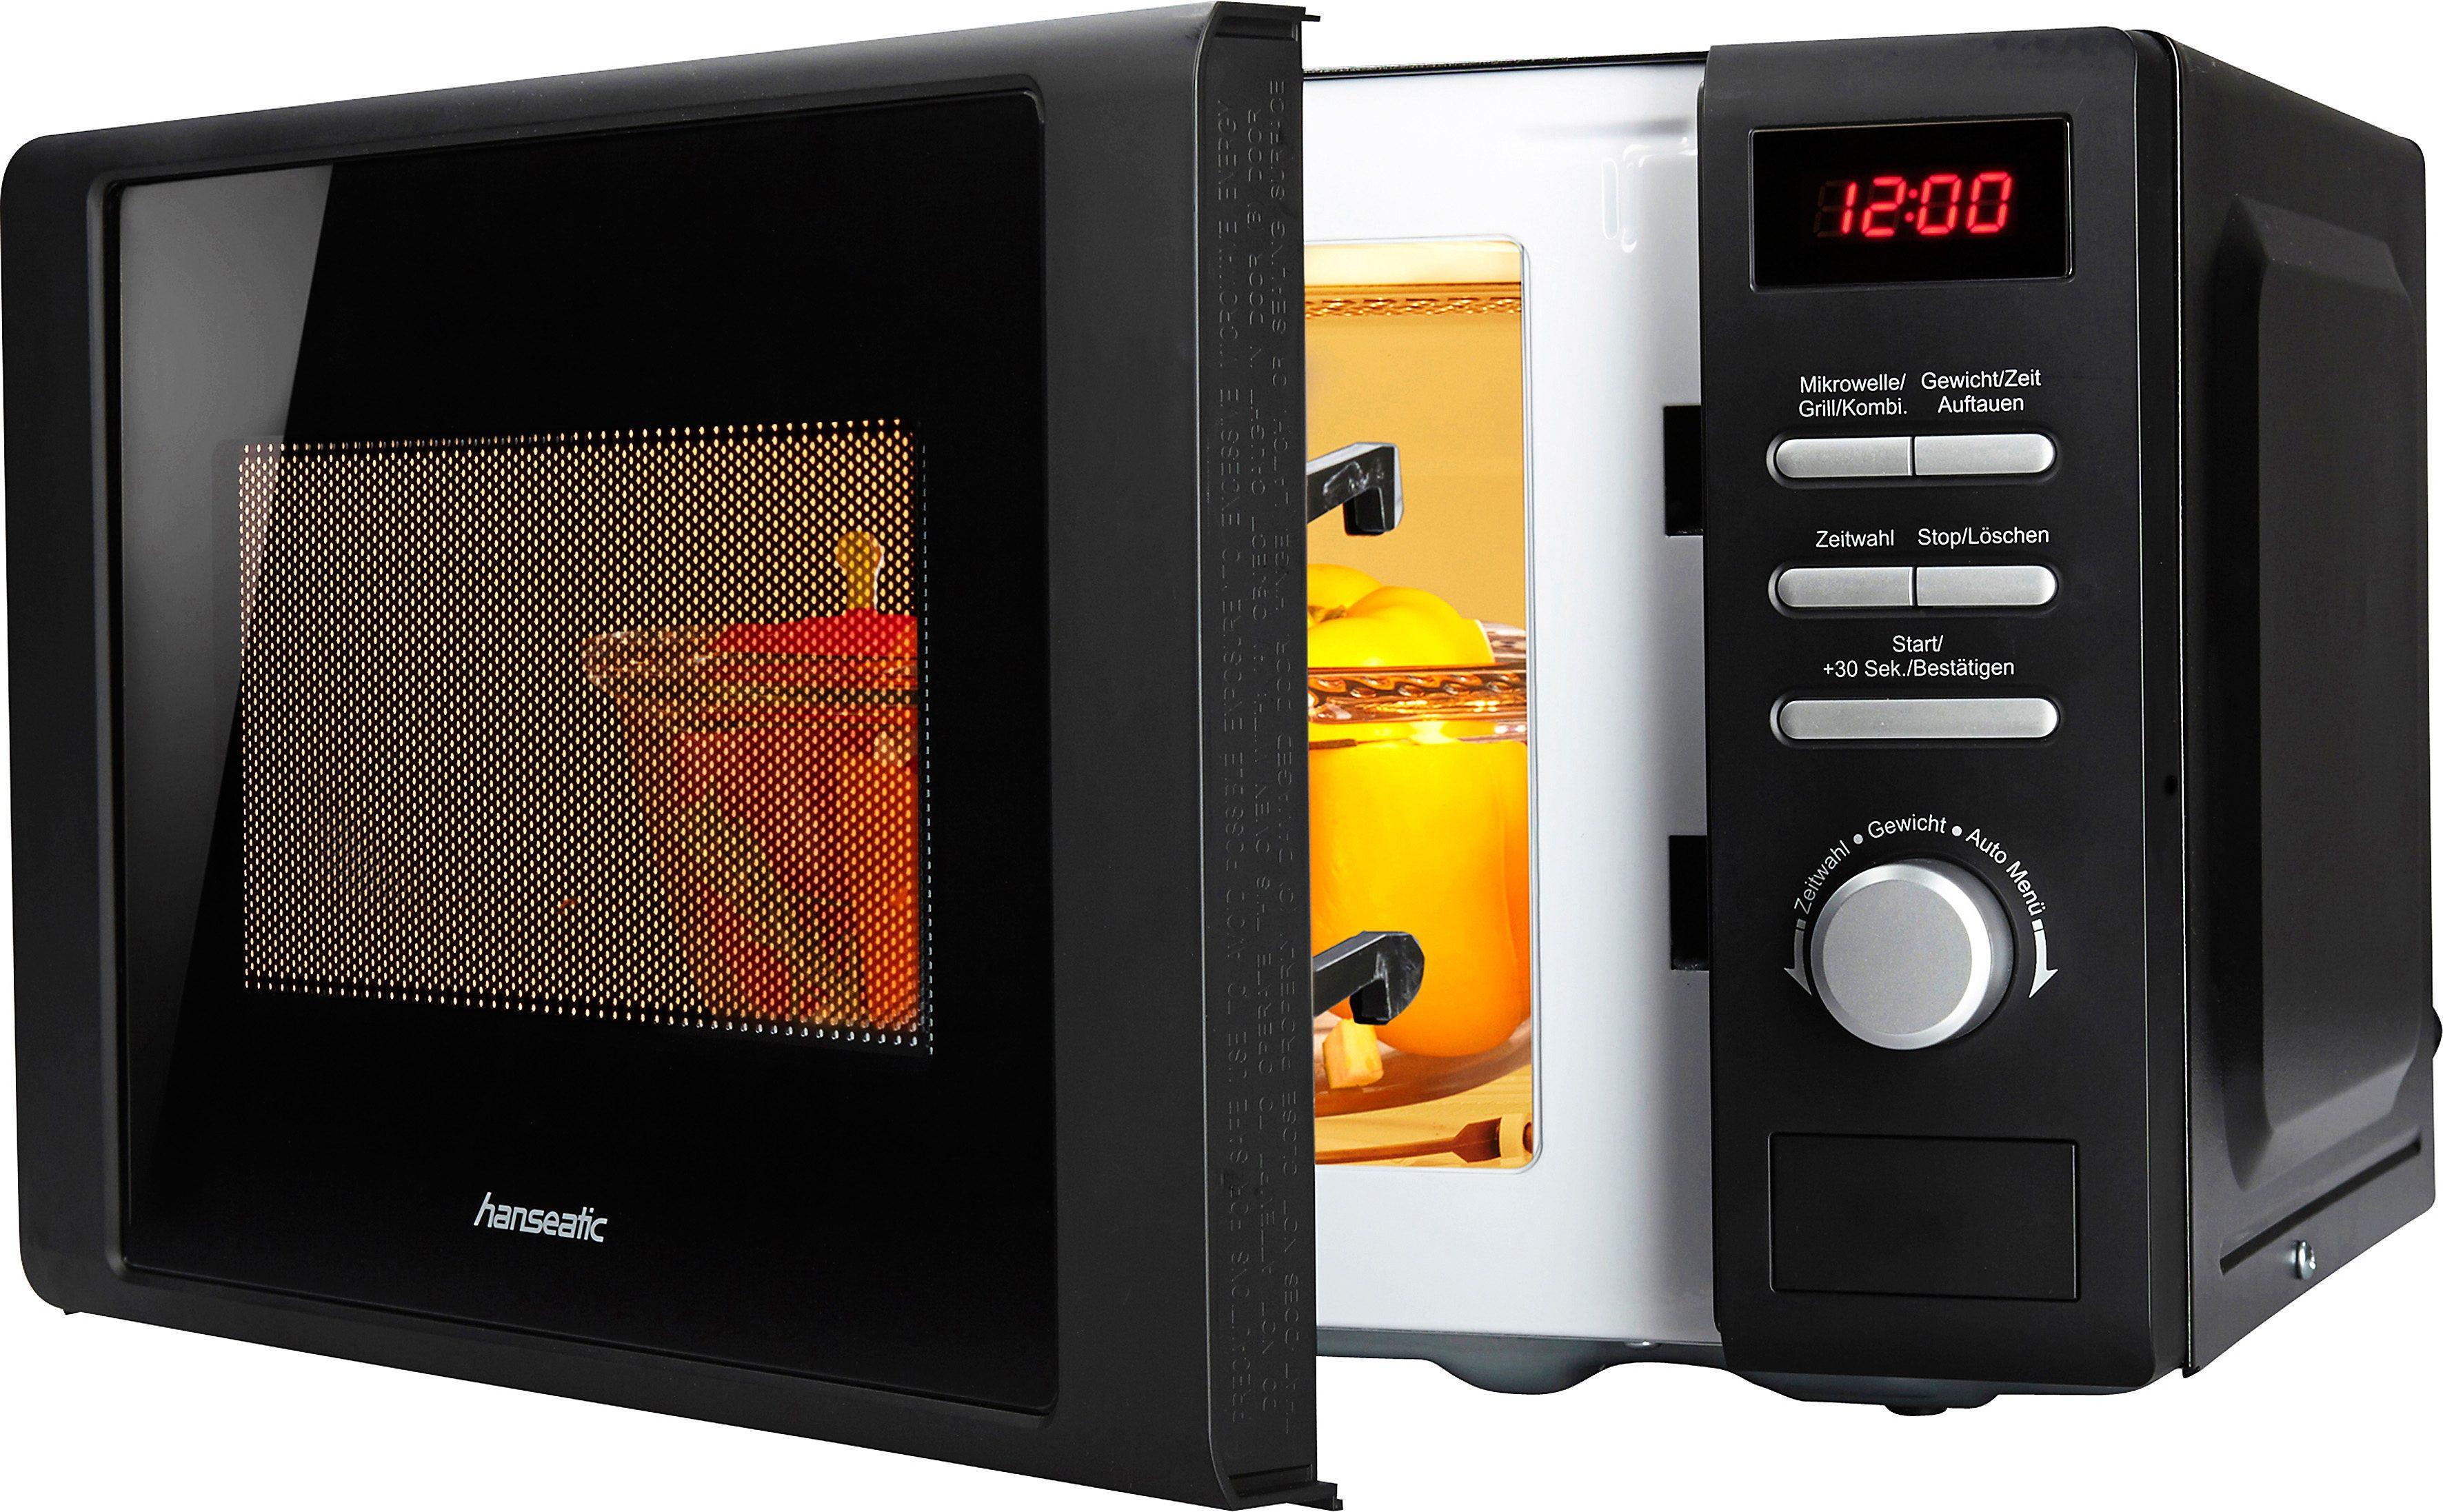 hanseatic Mikrowelle, mit Grill, 5 Leistungsstufen, 20 Liter Garraum, 700 Watt